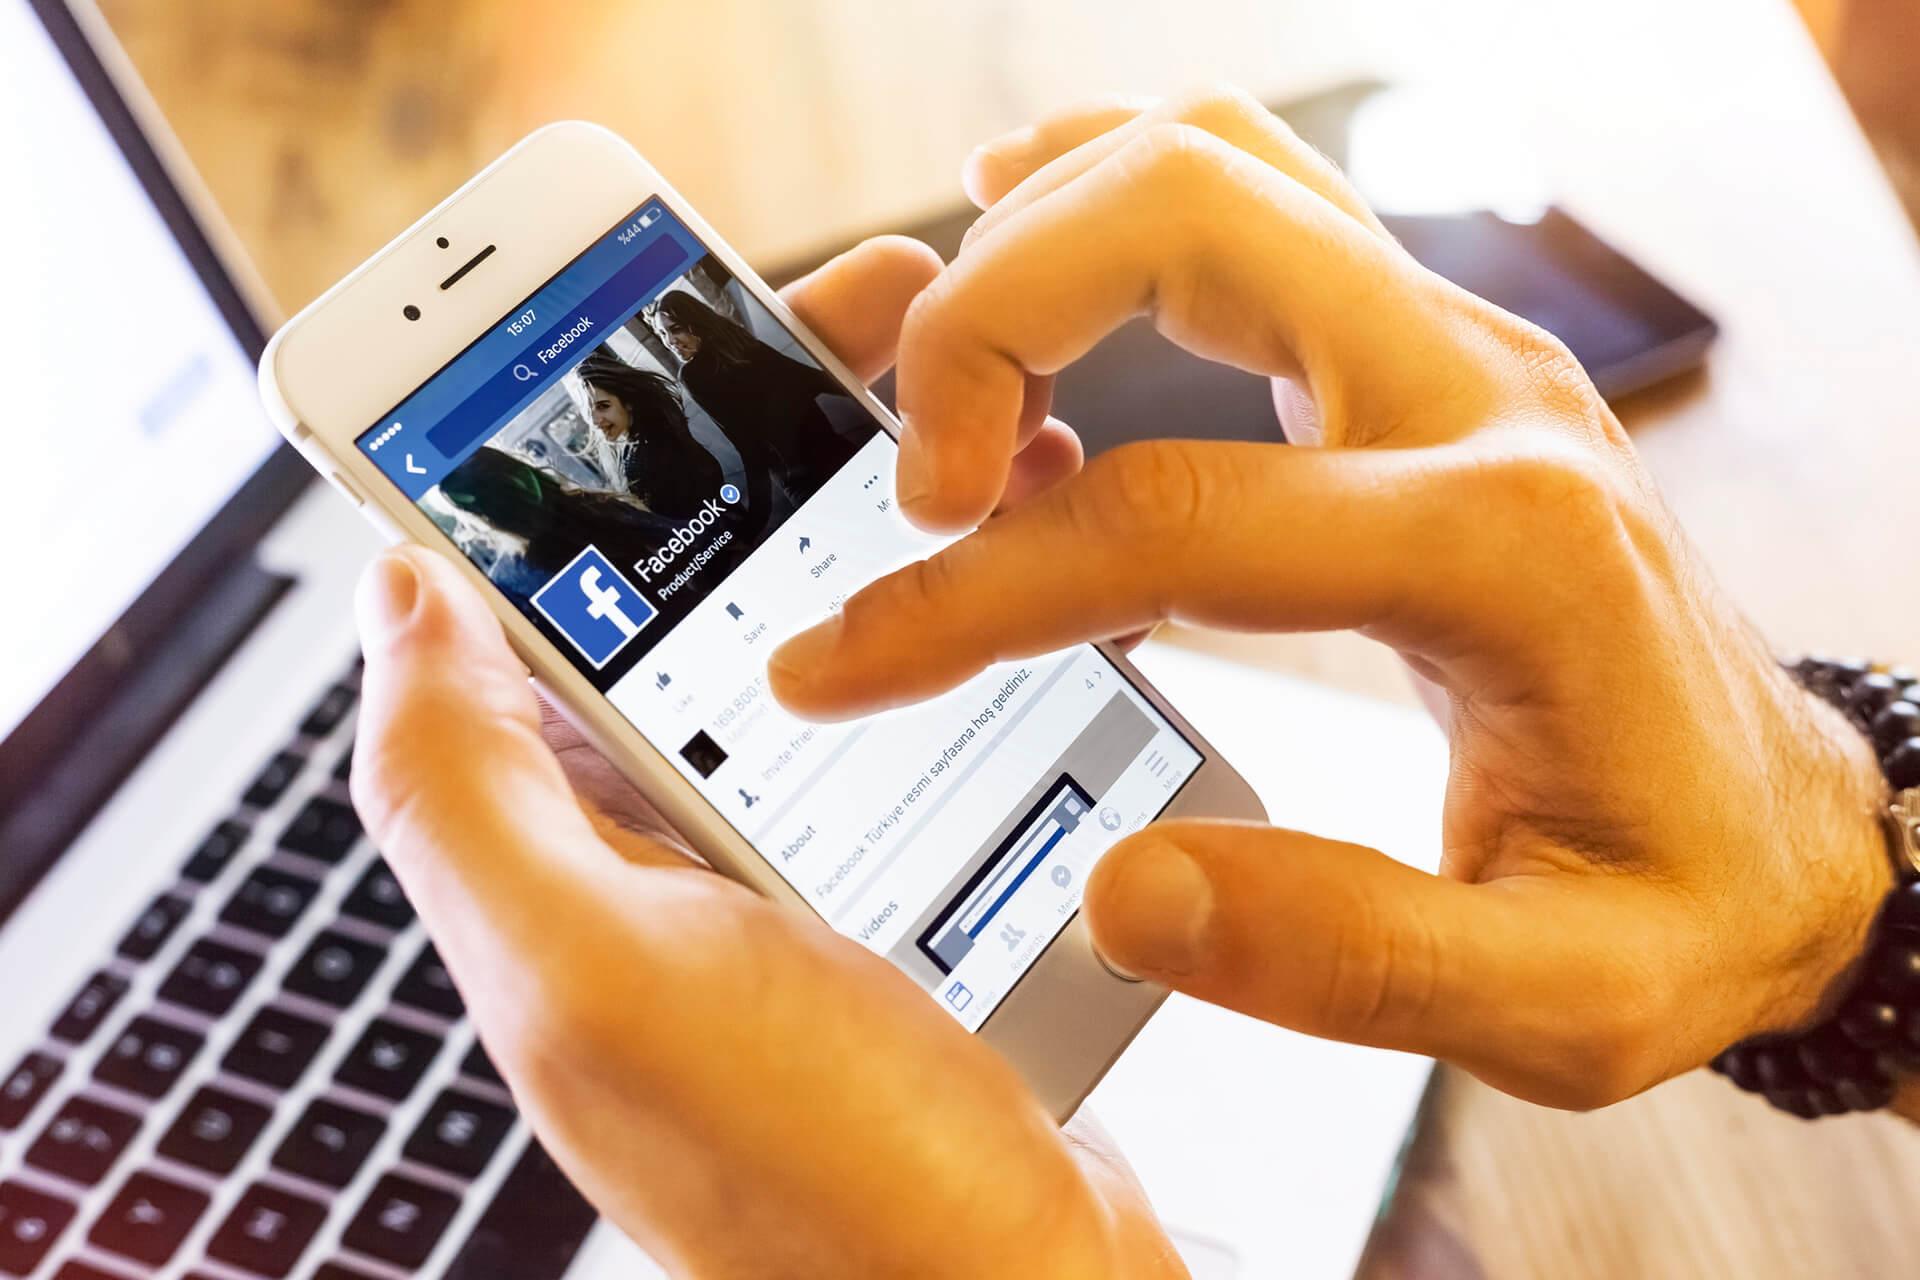 Perfil ou página no Facebook? Dicas de redes sociais para pequenos negócios